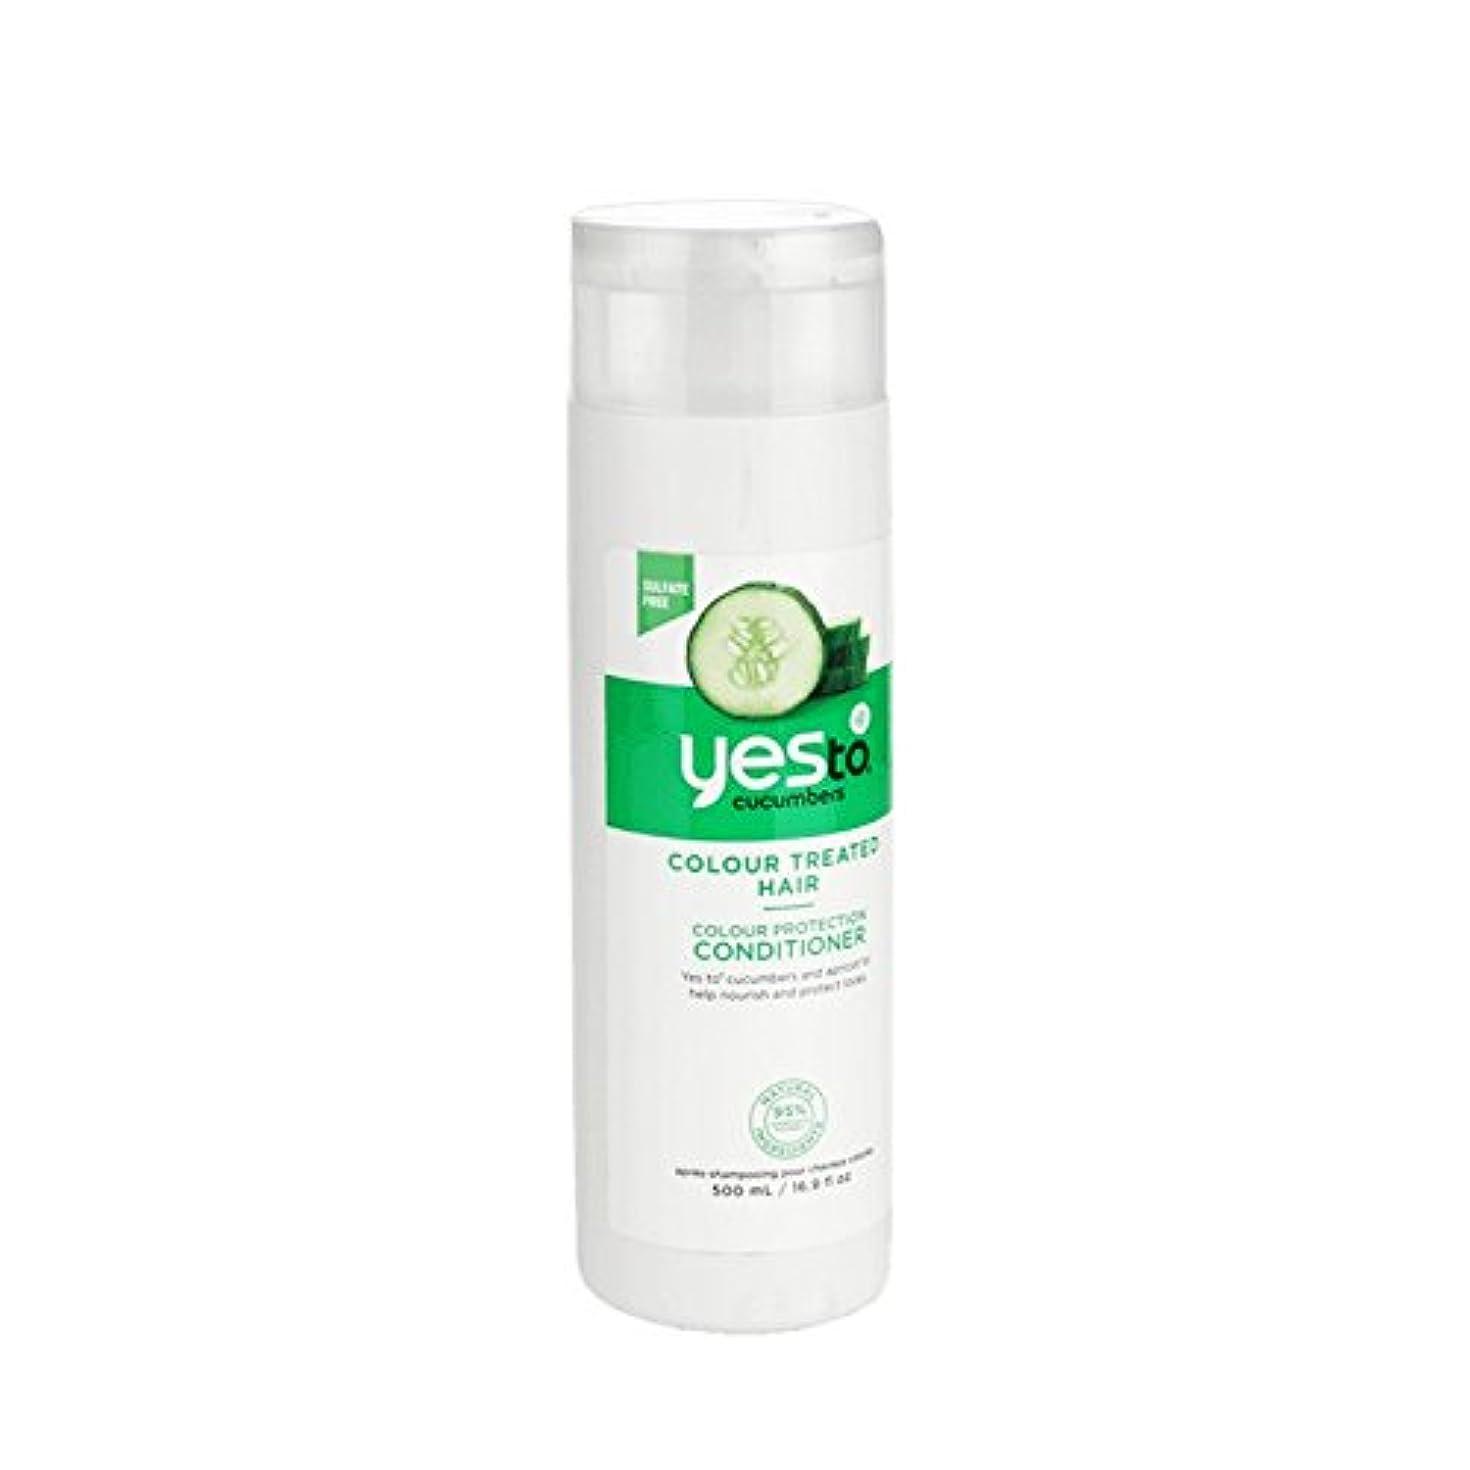 圧縮闇砲撃Yes To Cucumbers Colour Protection Conditioner 500ml (Pack of 2) - はいキュウリの色の保護コンディショナー500ミリリットルへ (x2) [並行輸入品]